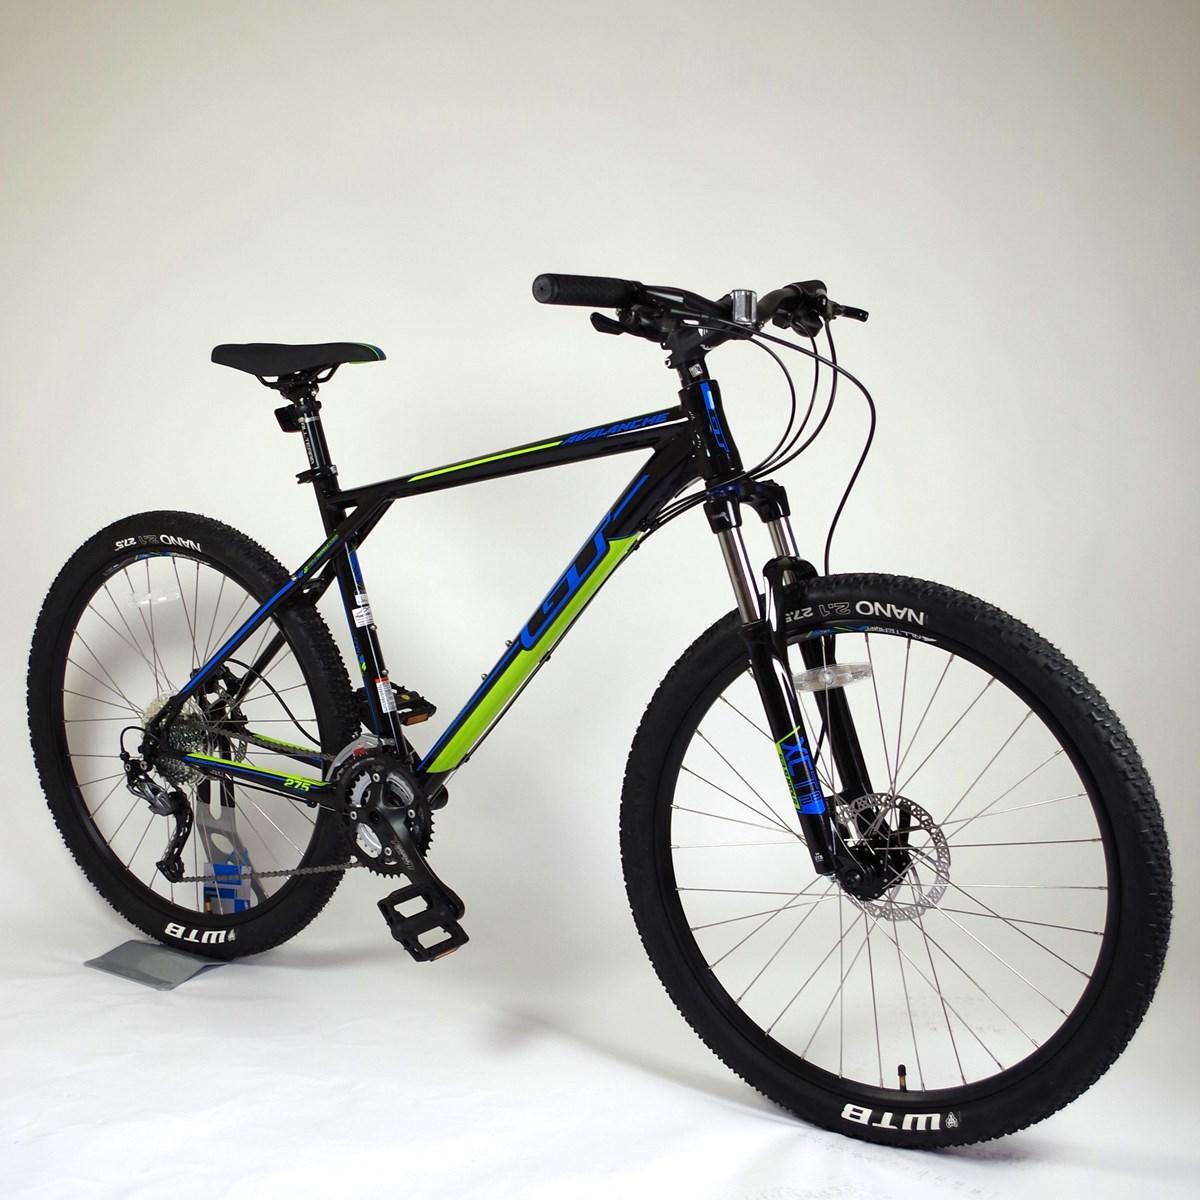 Gt Bikes Online Shop : Ash Cycles